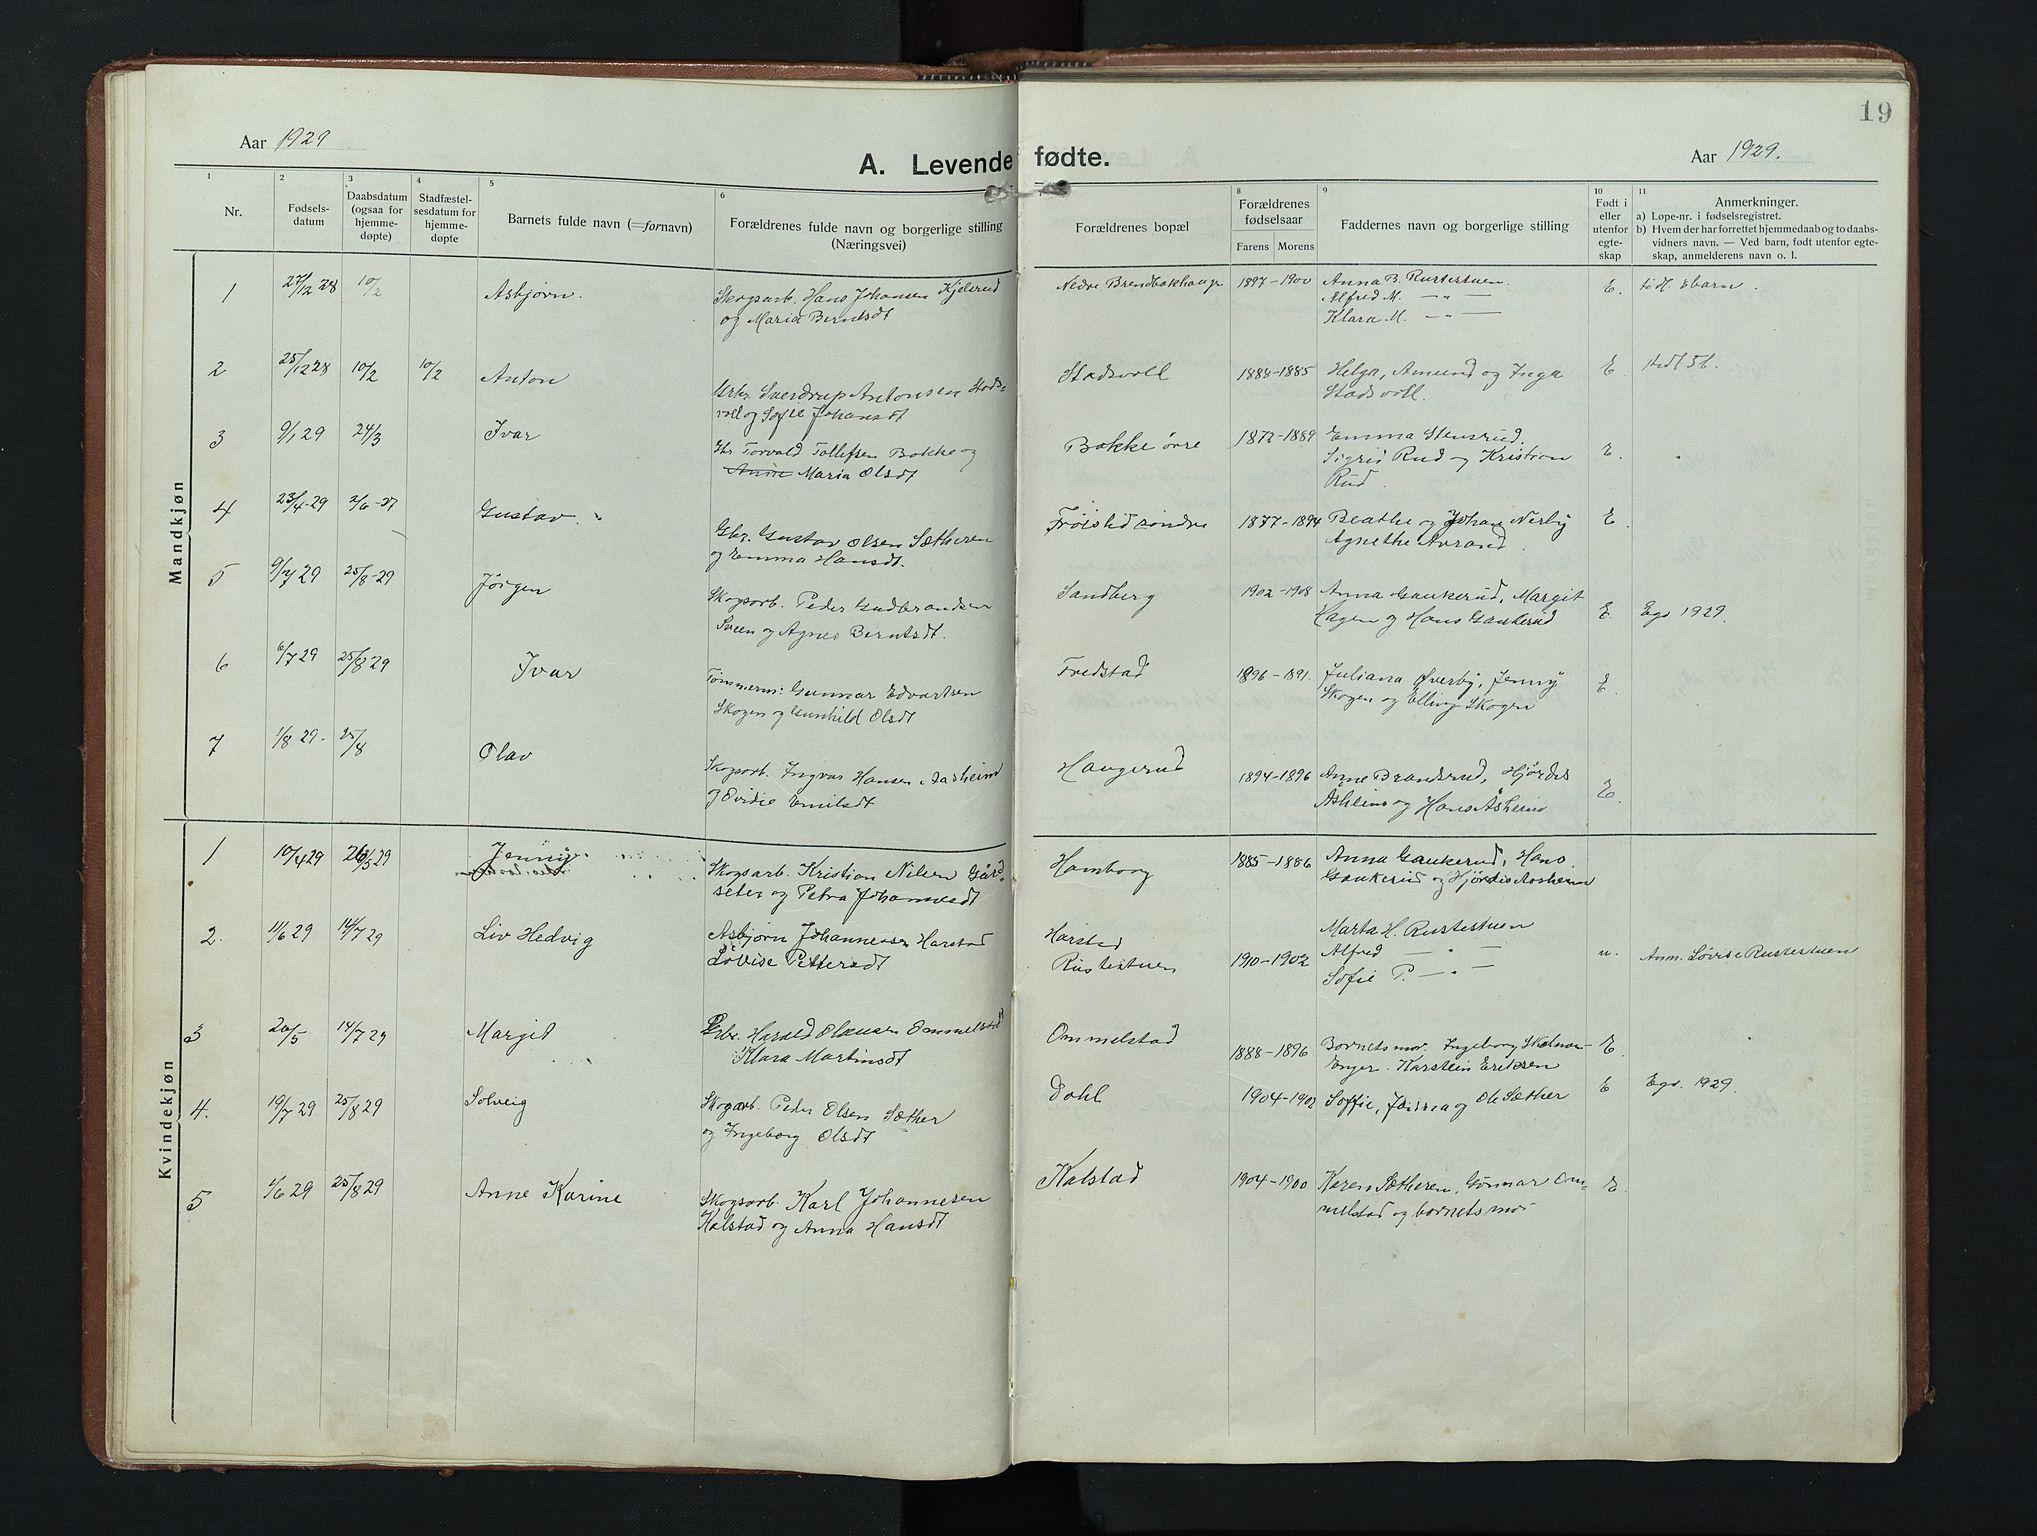 SAH, Nordre Land prestekontor, Klokkerbok nr. 9, 1921-1956, s. 19